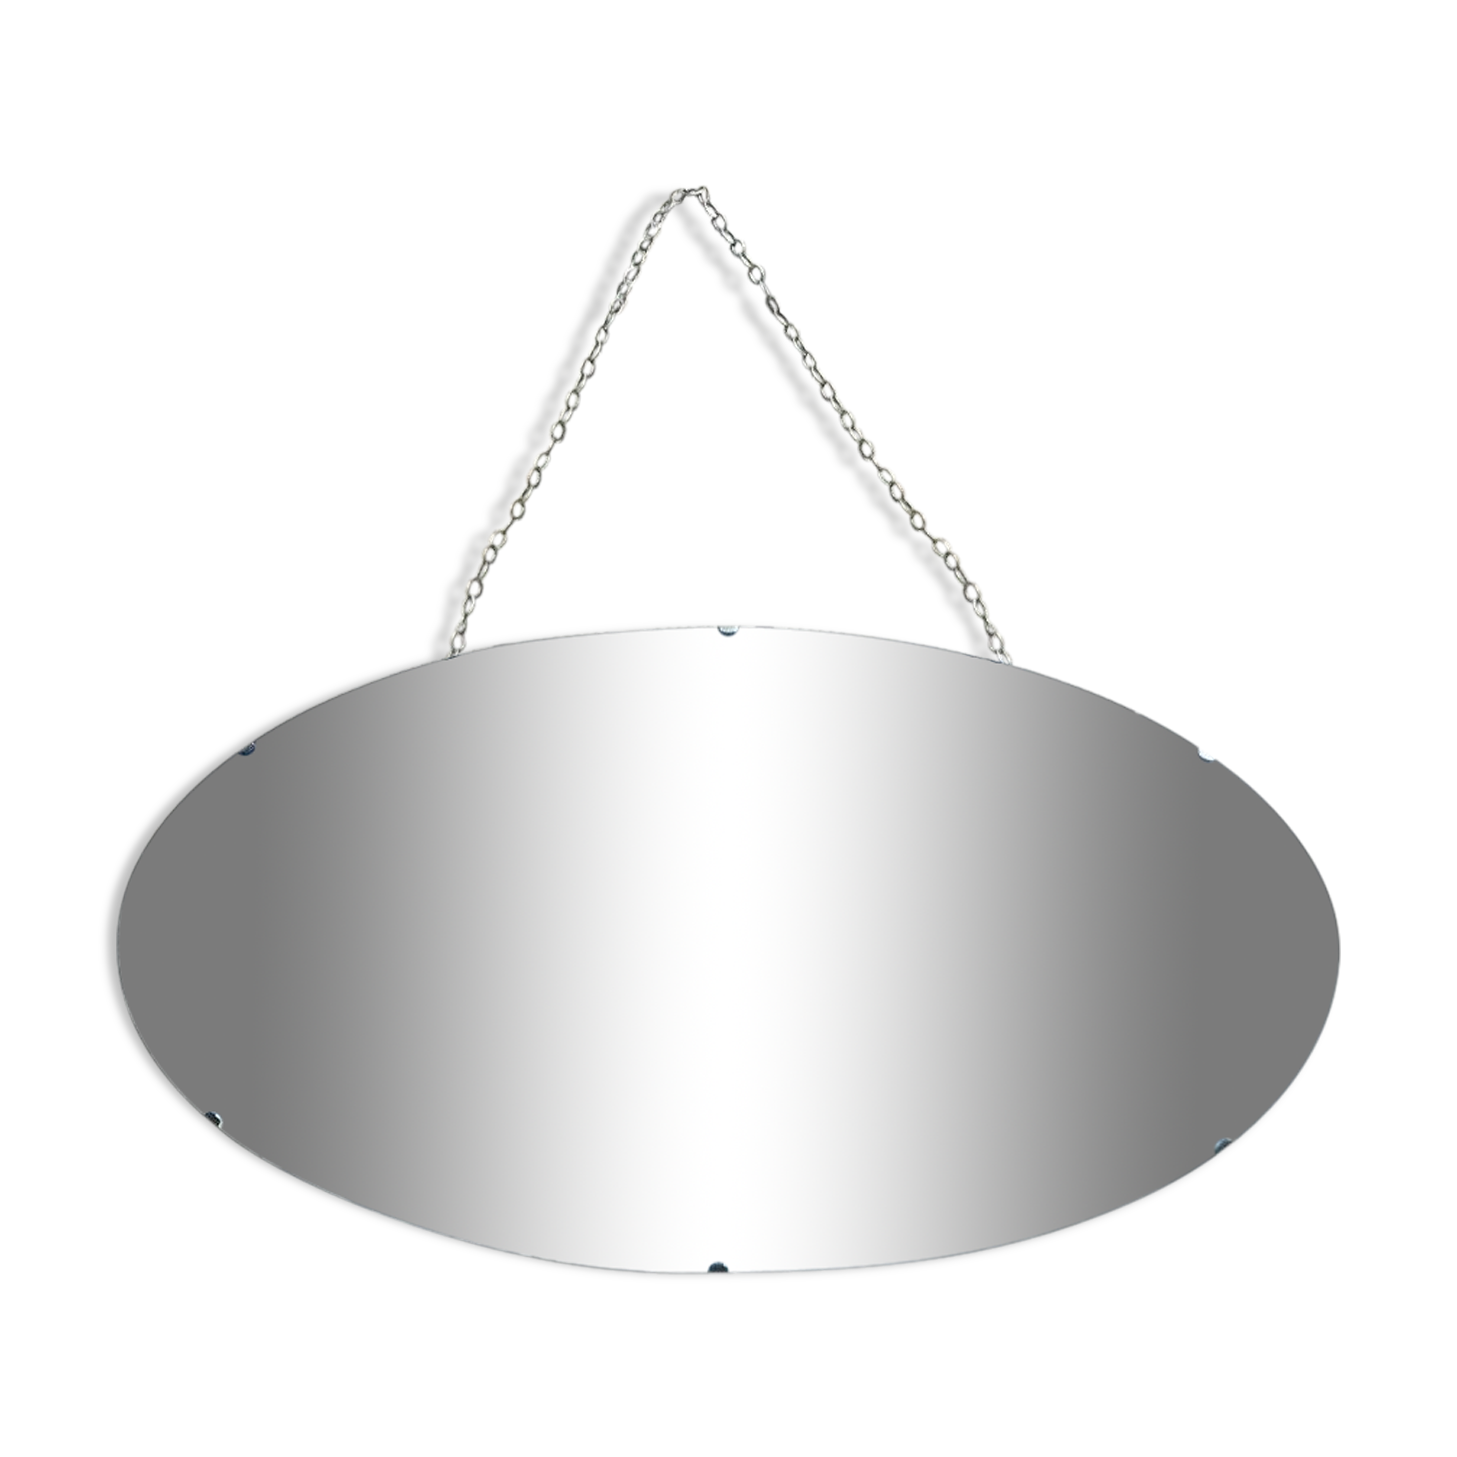 Miroir sans cadre art déco avec bord et chaîne biseauté décoratifs  65x36cm